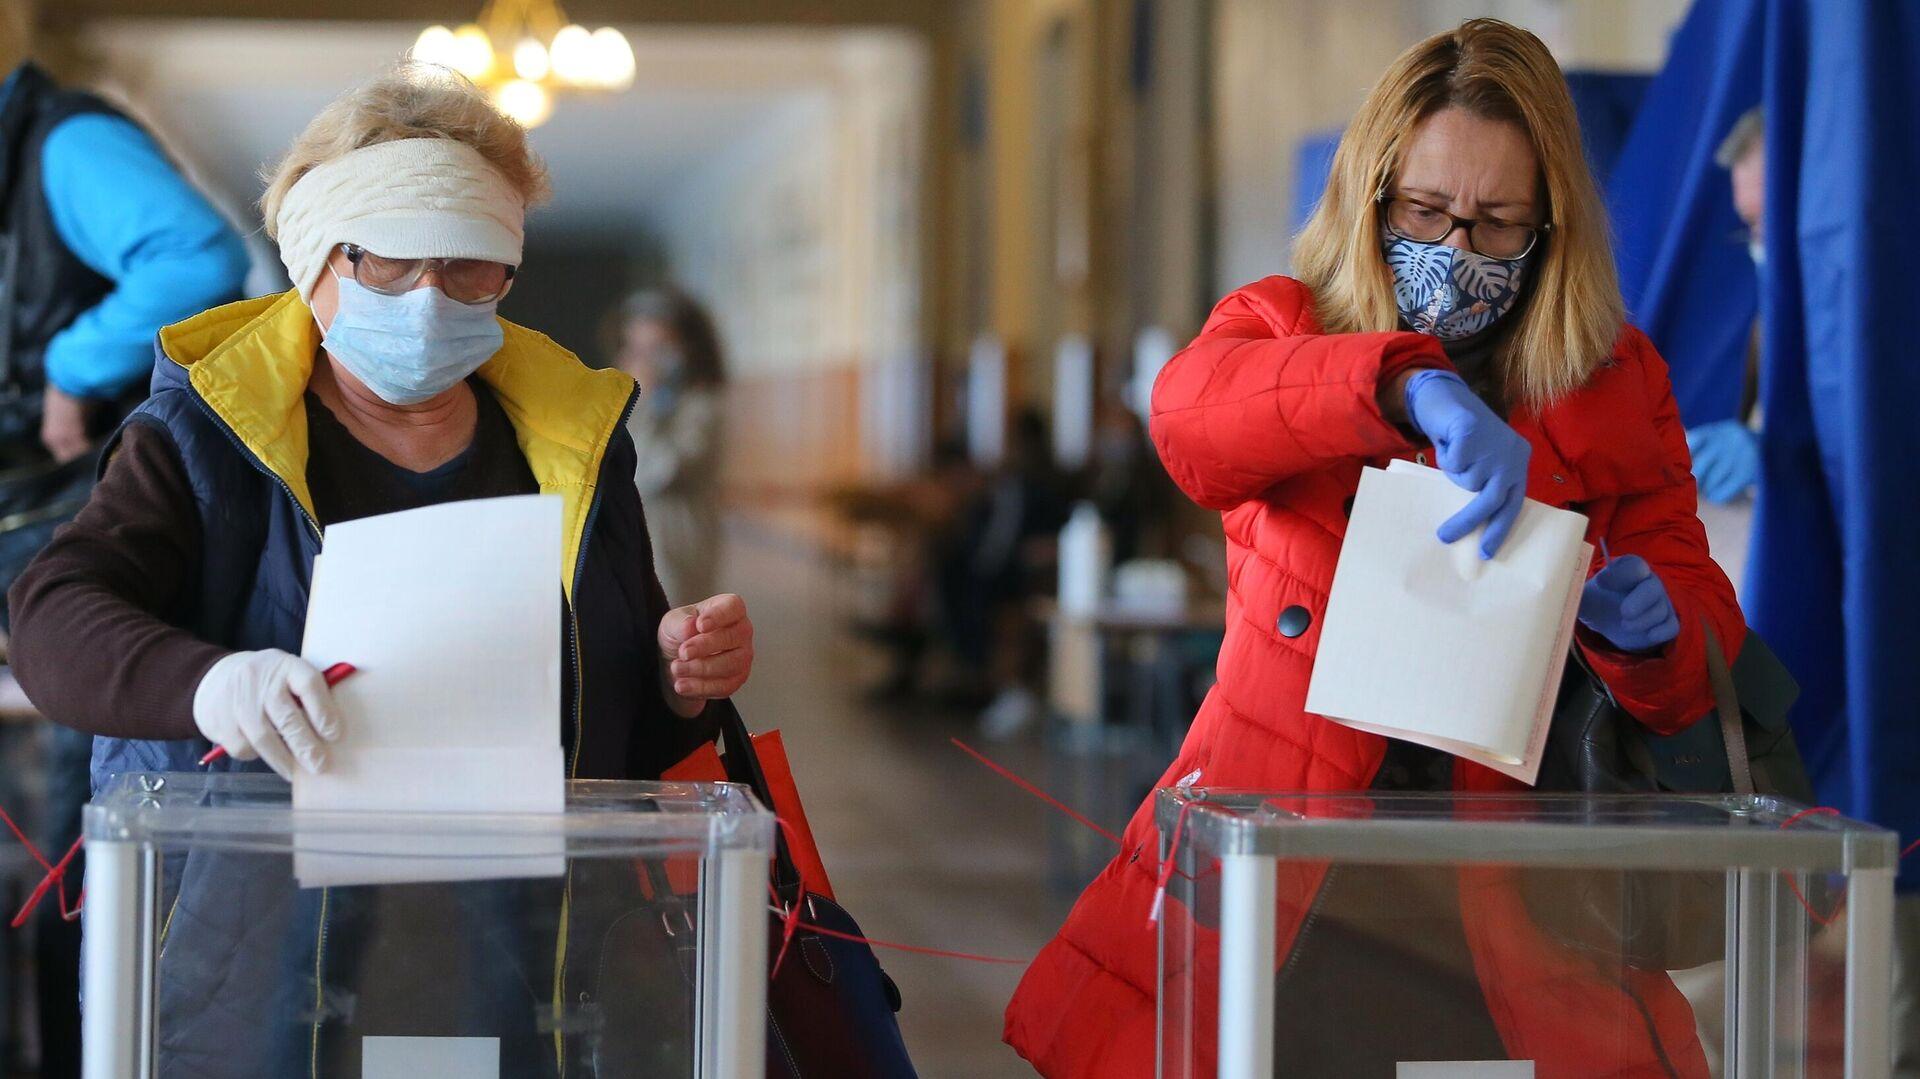 Женщины голосуют на одном из избирательных участков в Киеве - РИА Новости, 1920, 25.10.2020